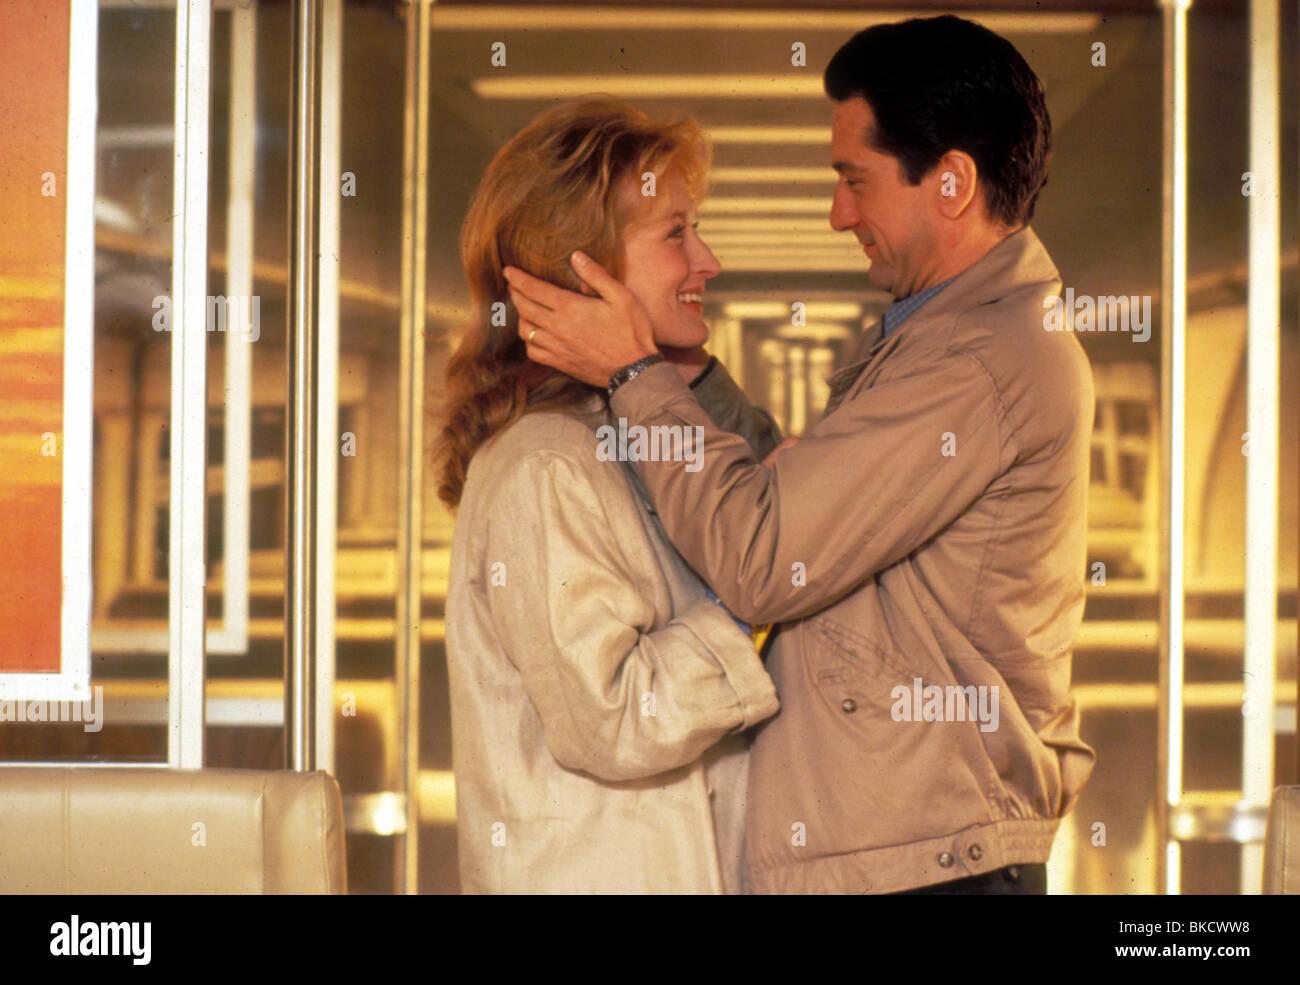 FALLING IN LOVE (1984) MERYL STREEP, ROBERT DE NIRO FIL 027 - Stock Image